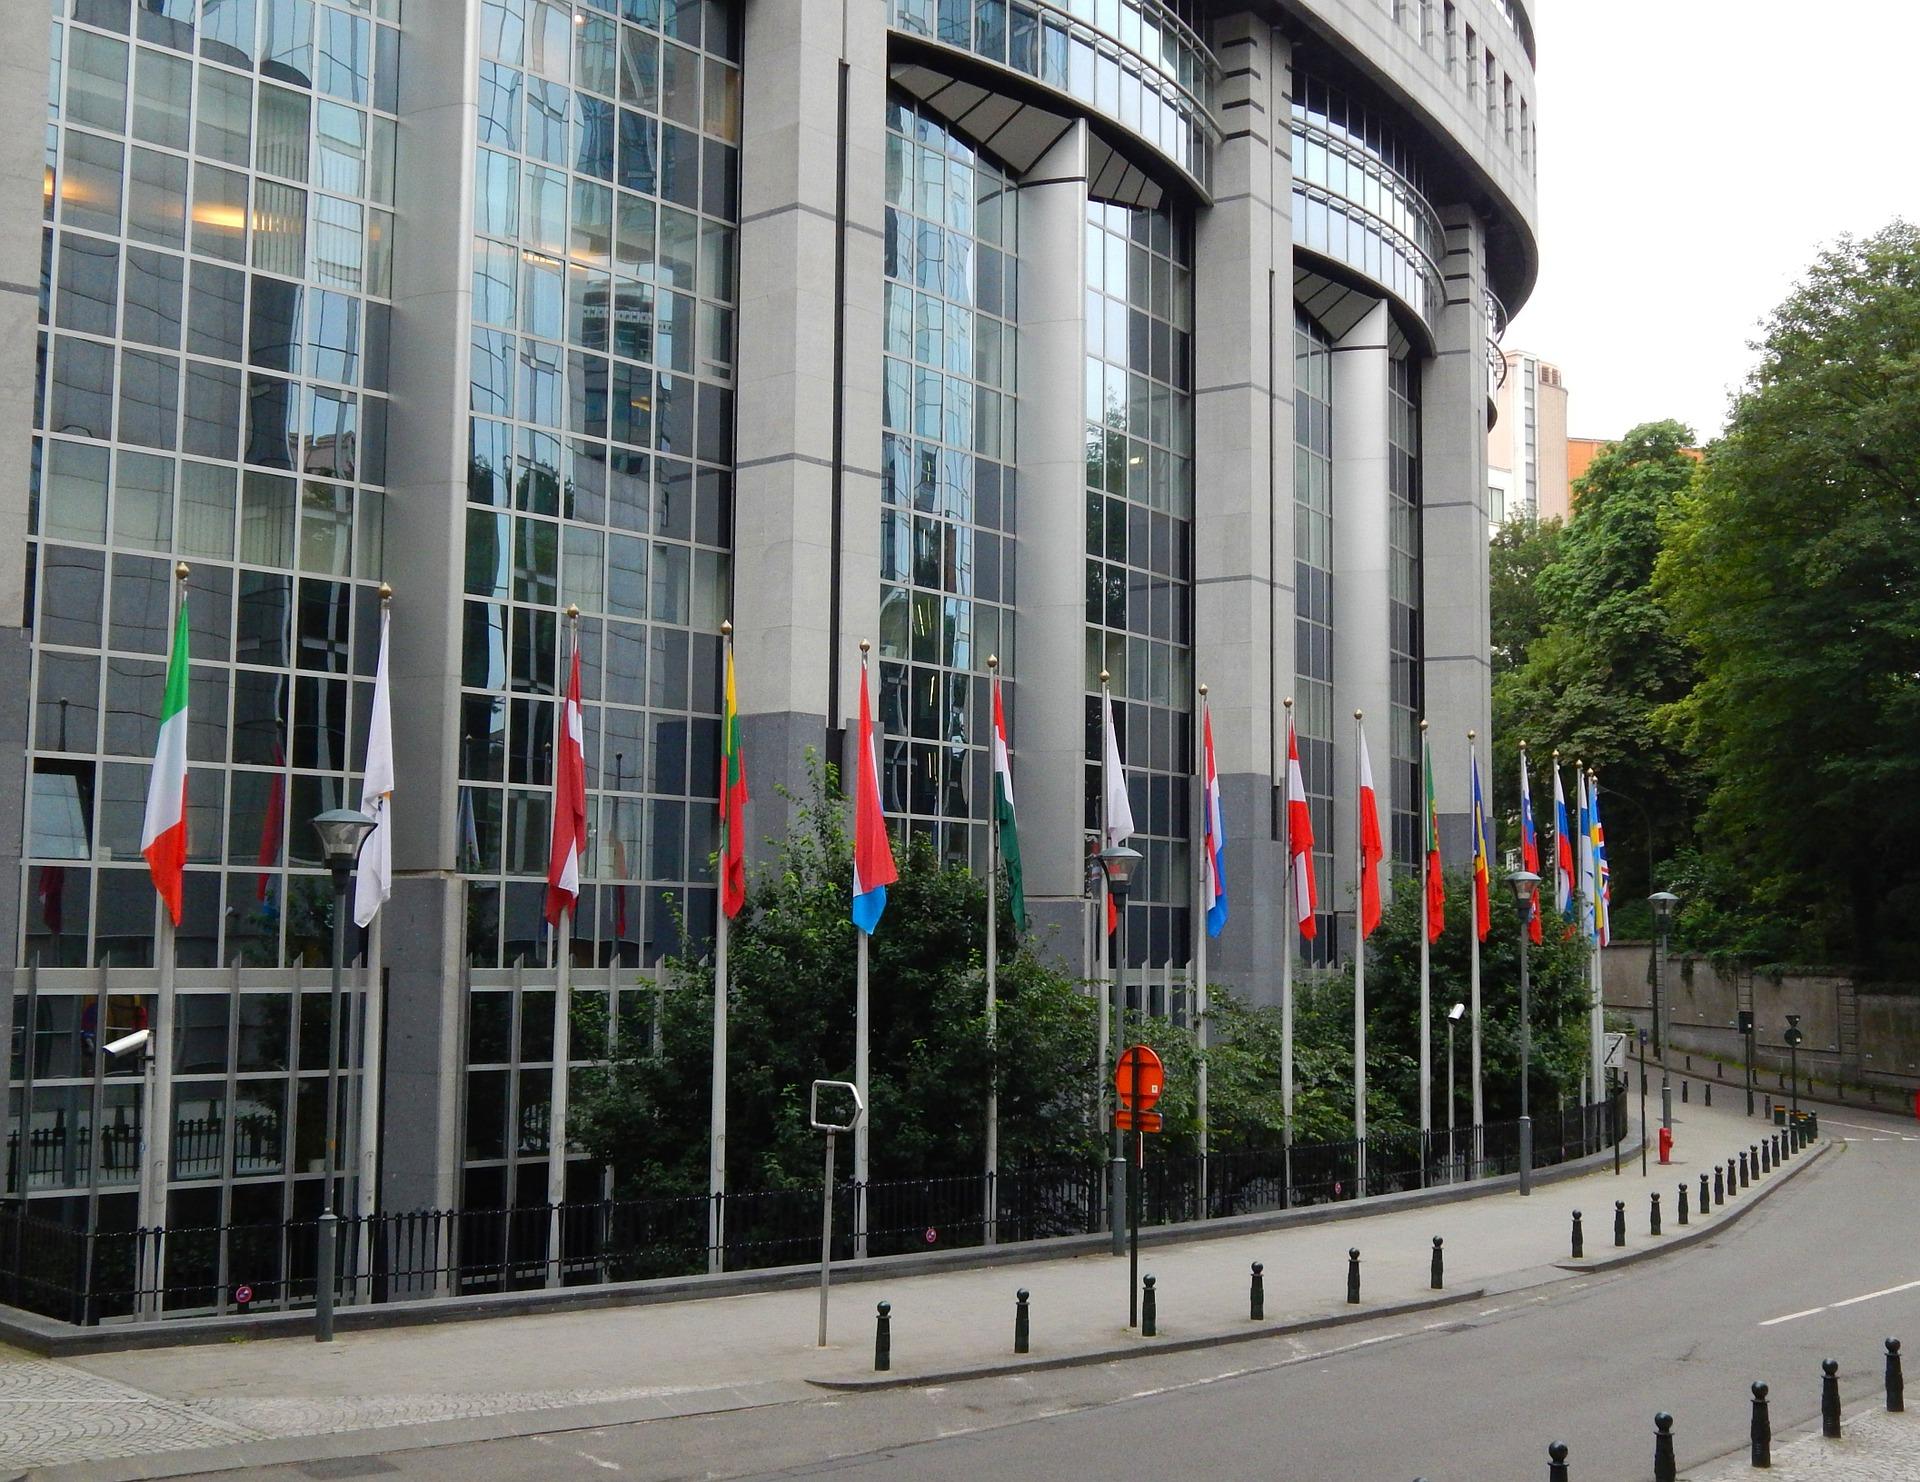 Sede del Parlamento Europeo. Foto: SarahHammo.